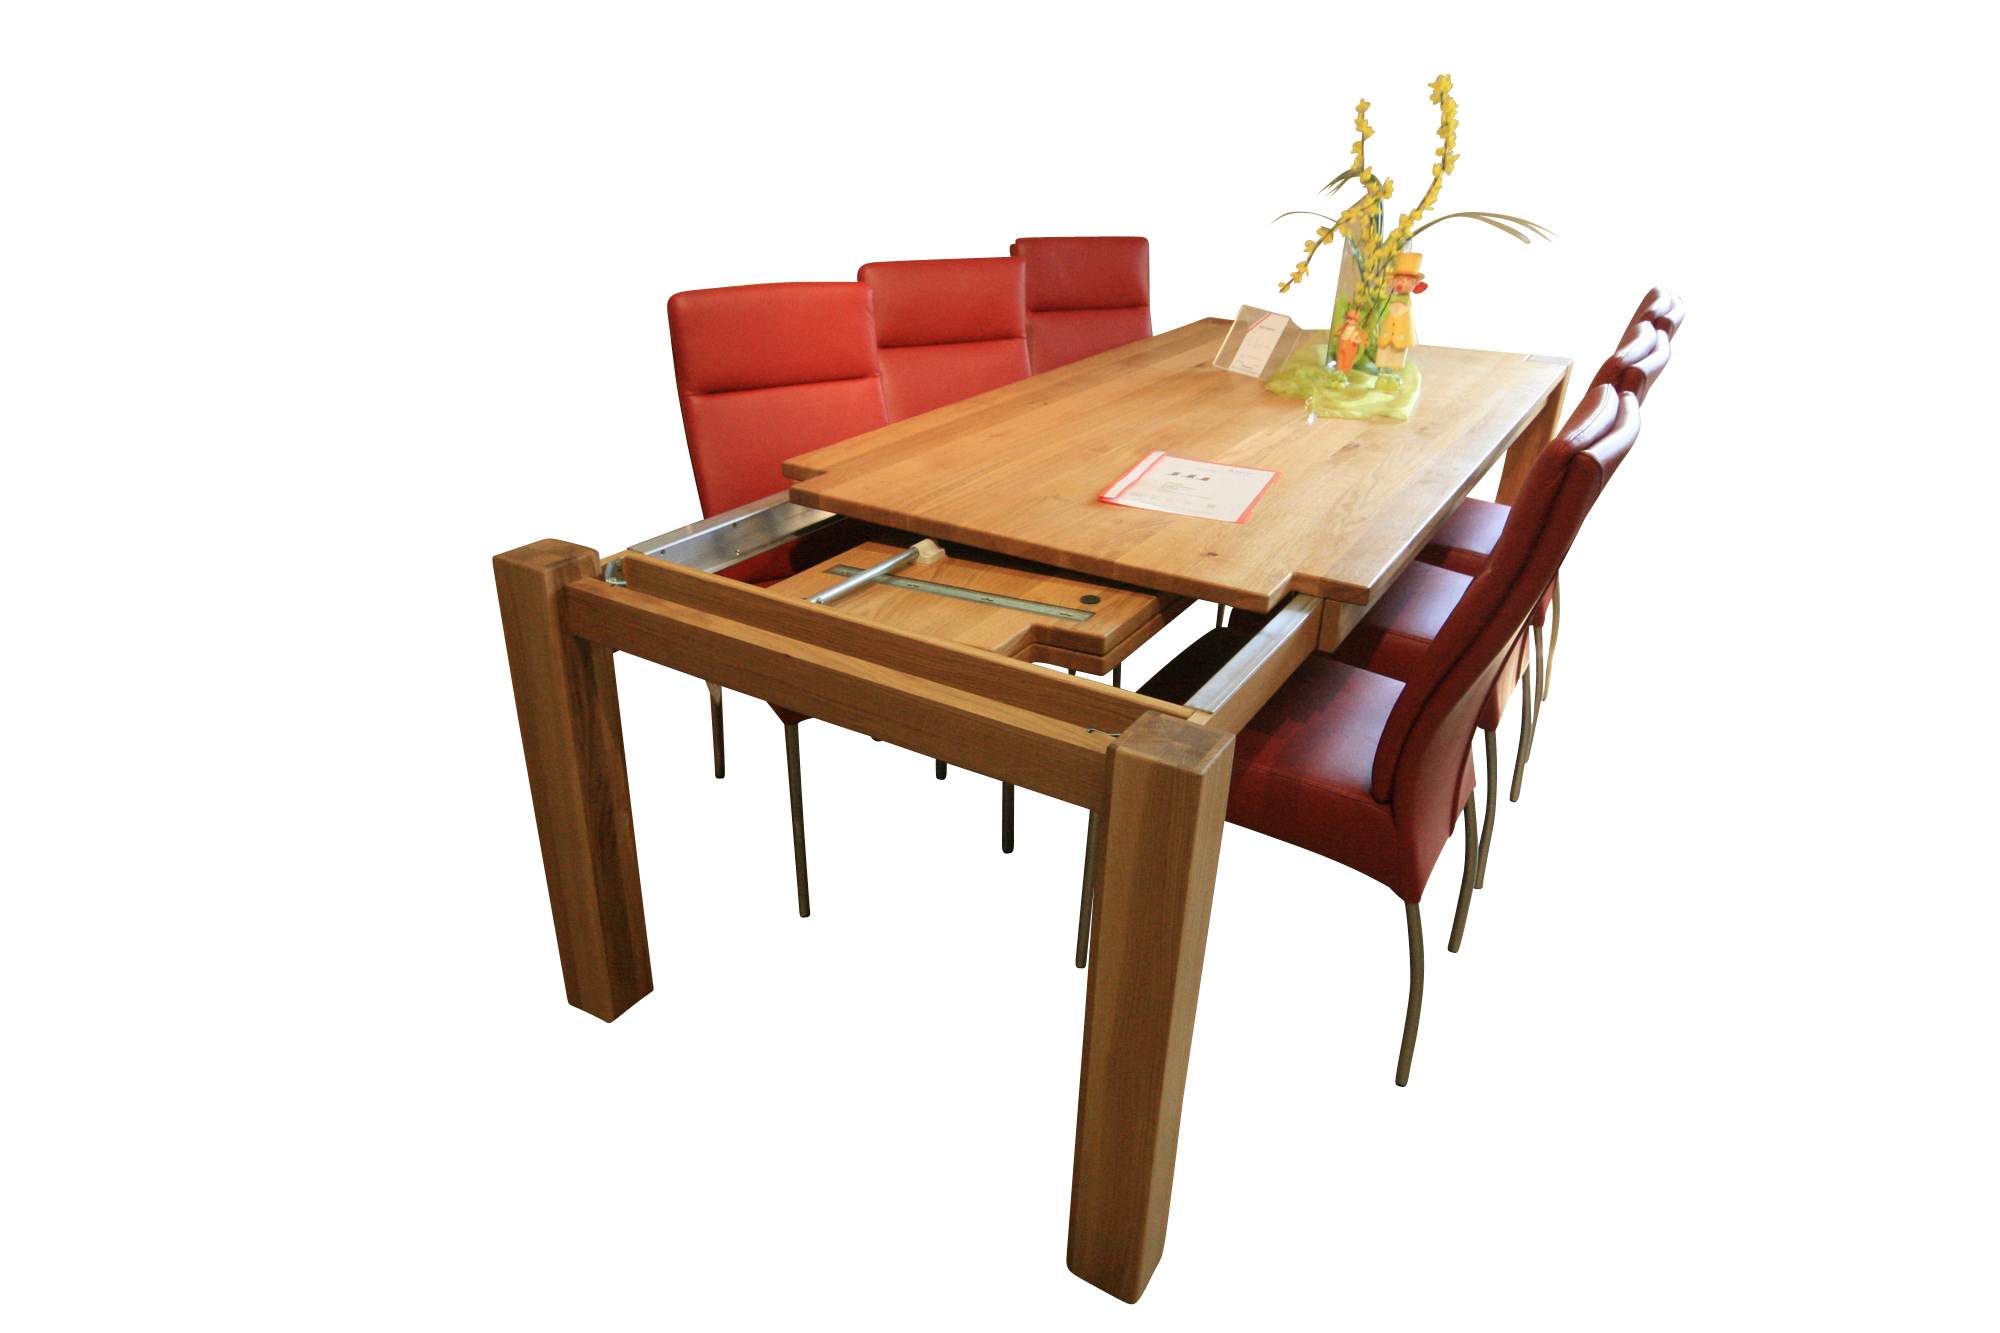 1512992800-essen-auszugtisch-massivholz.jpg